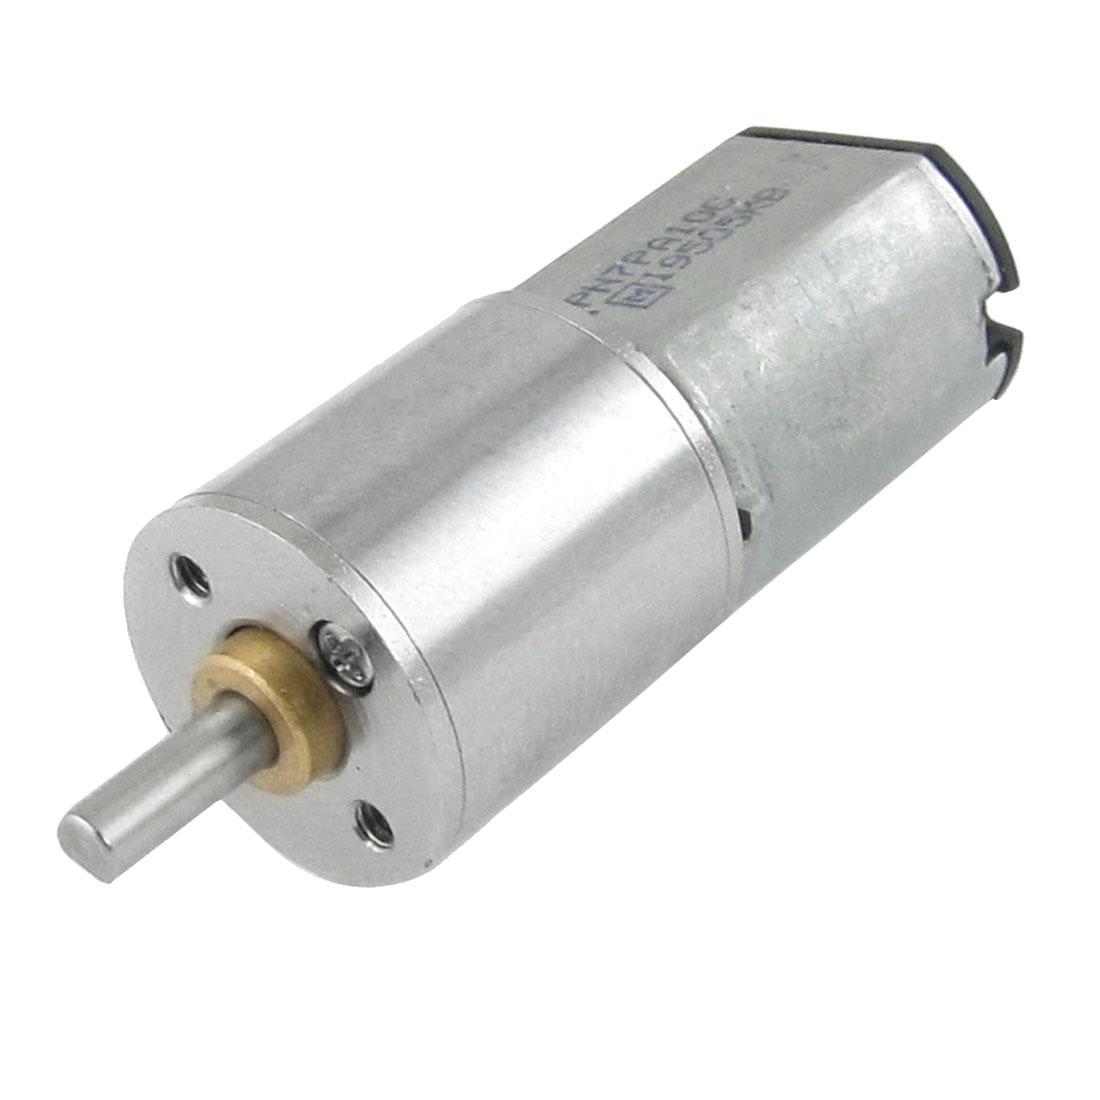 6V 0.3A 60RPM 3mm Diameter Shaft Mini DC Geared Motor